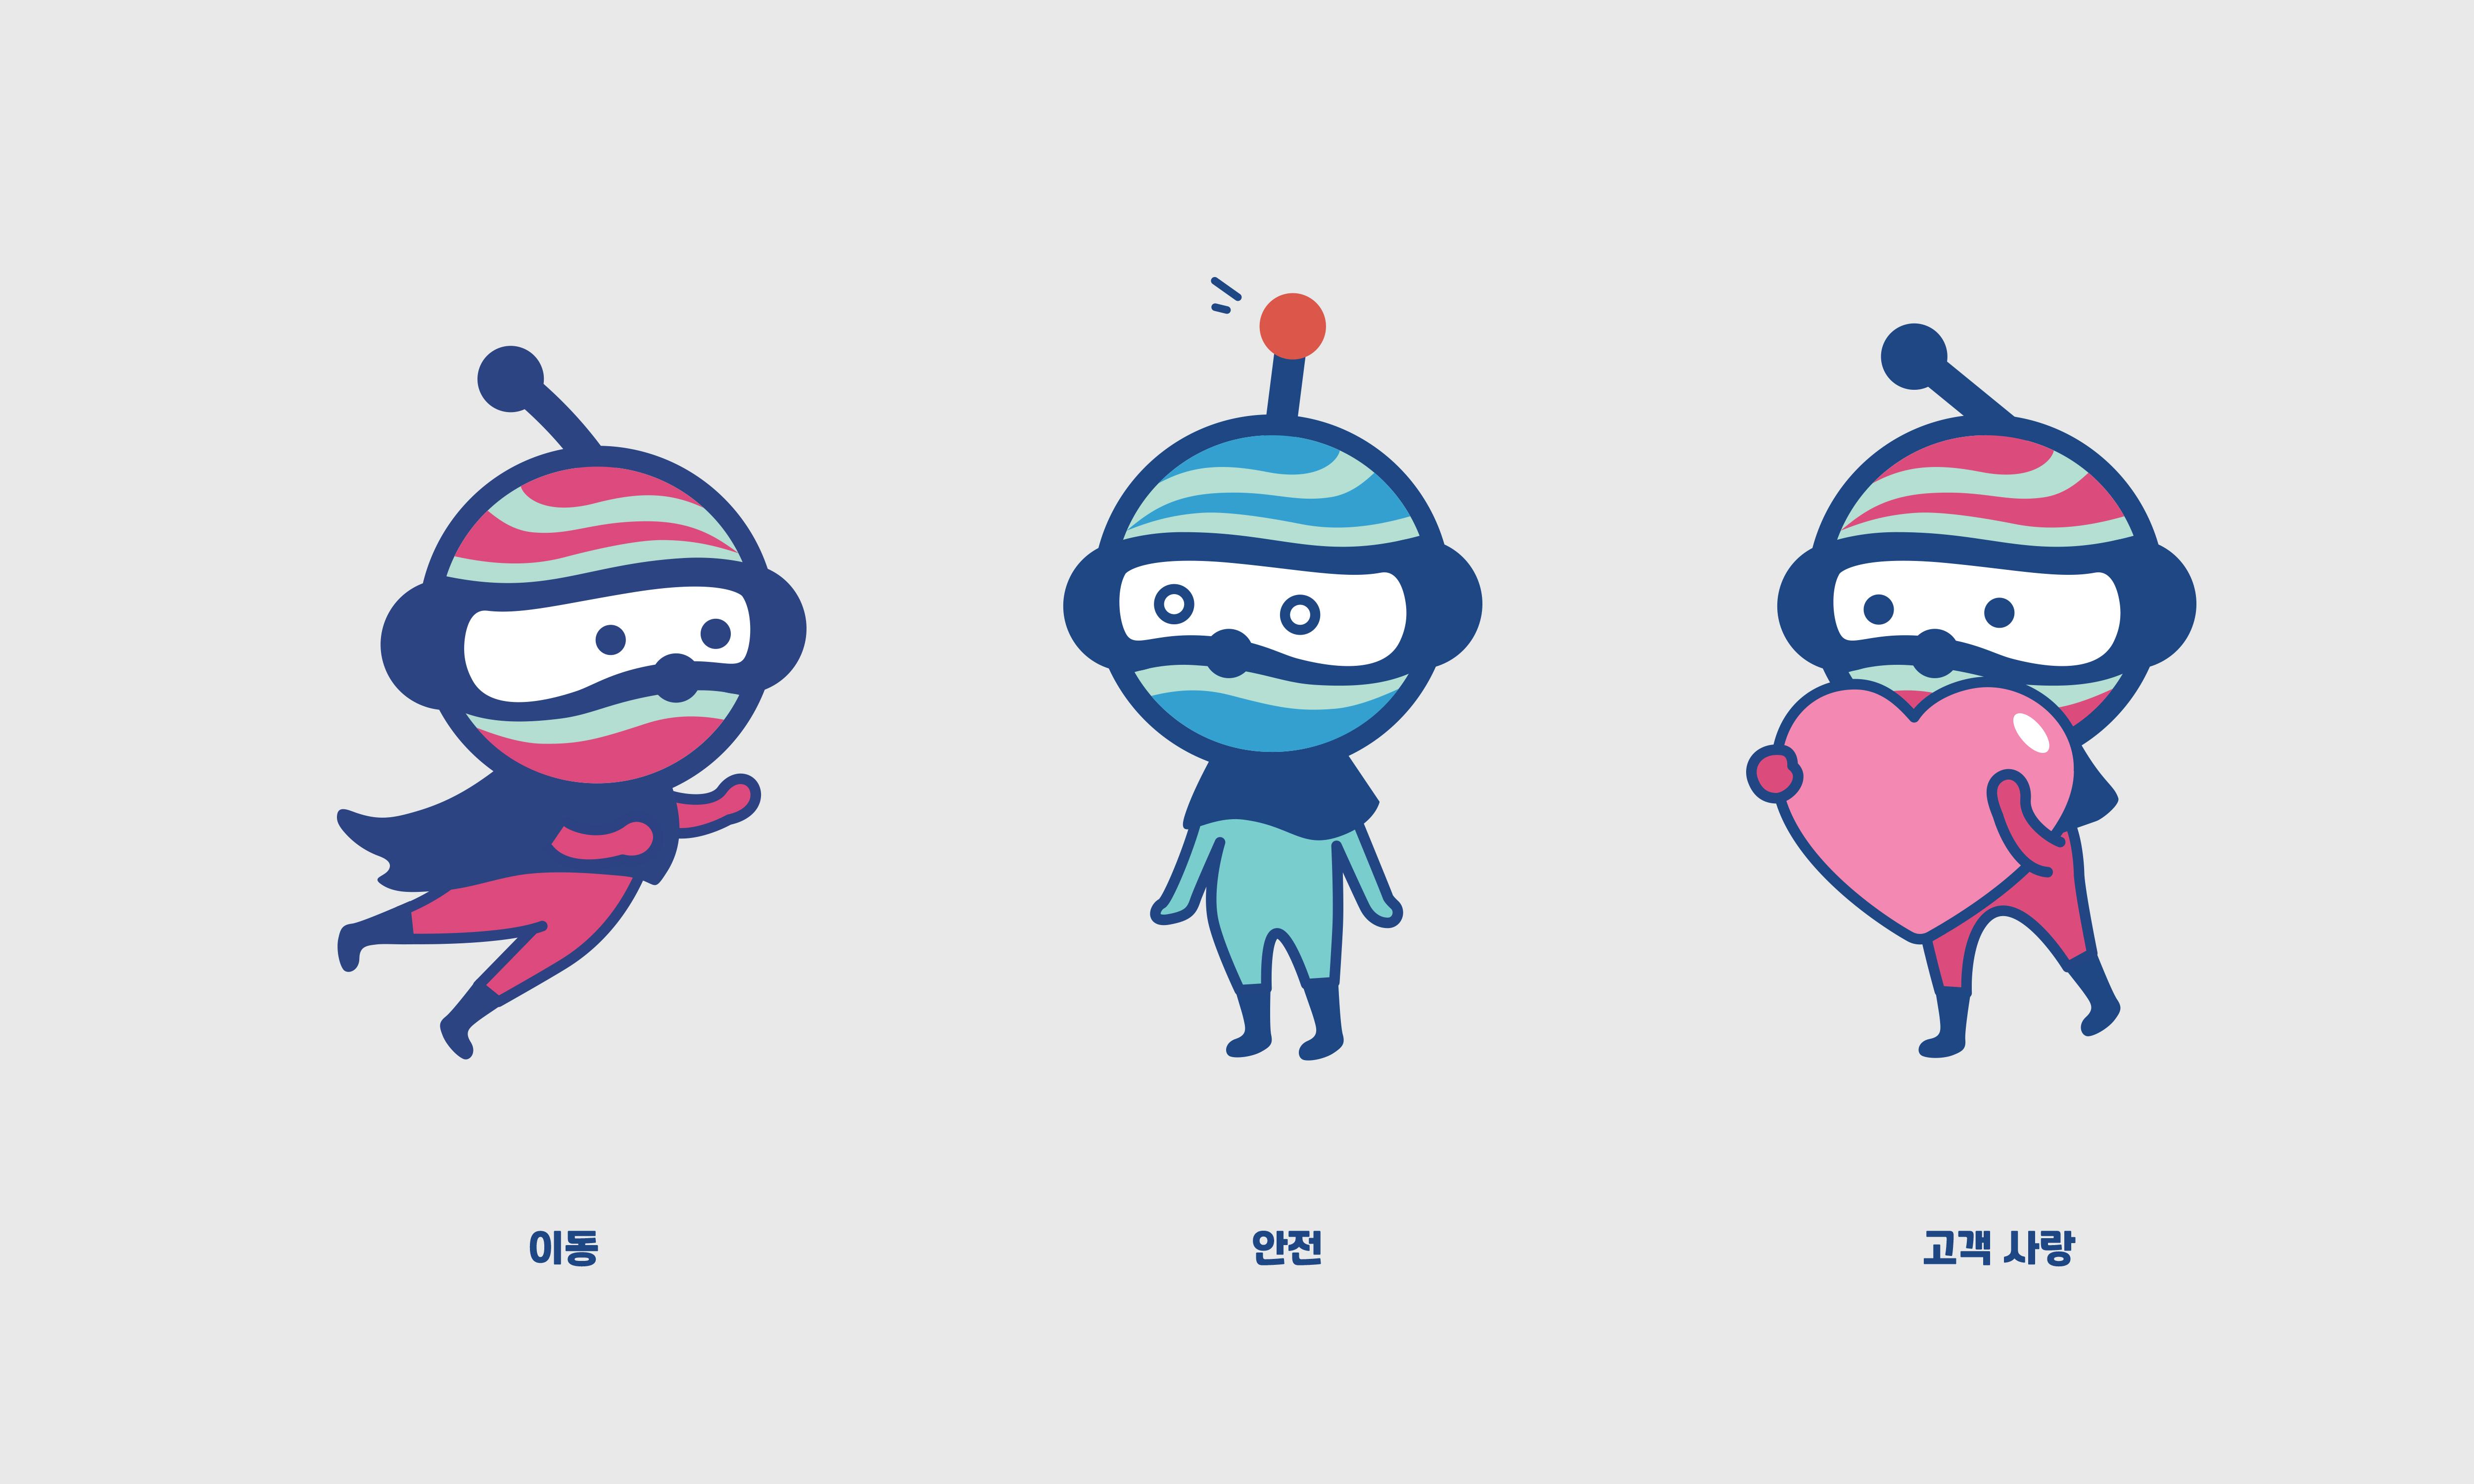 연서시장_목업08_캐릭터5